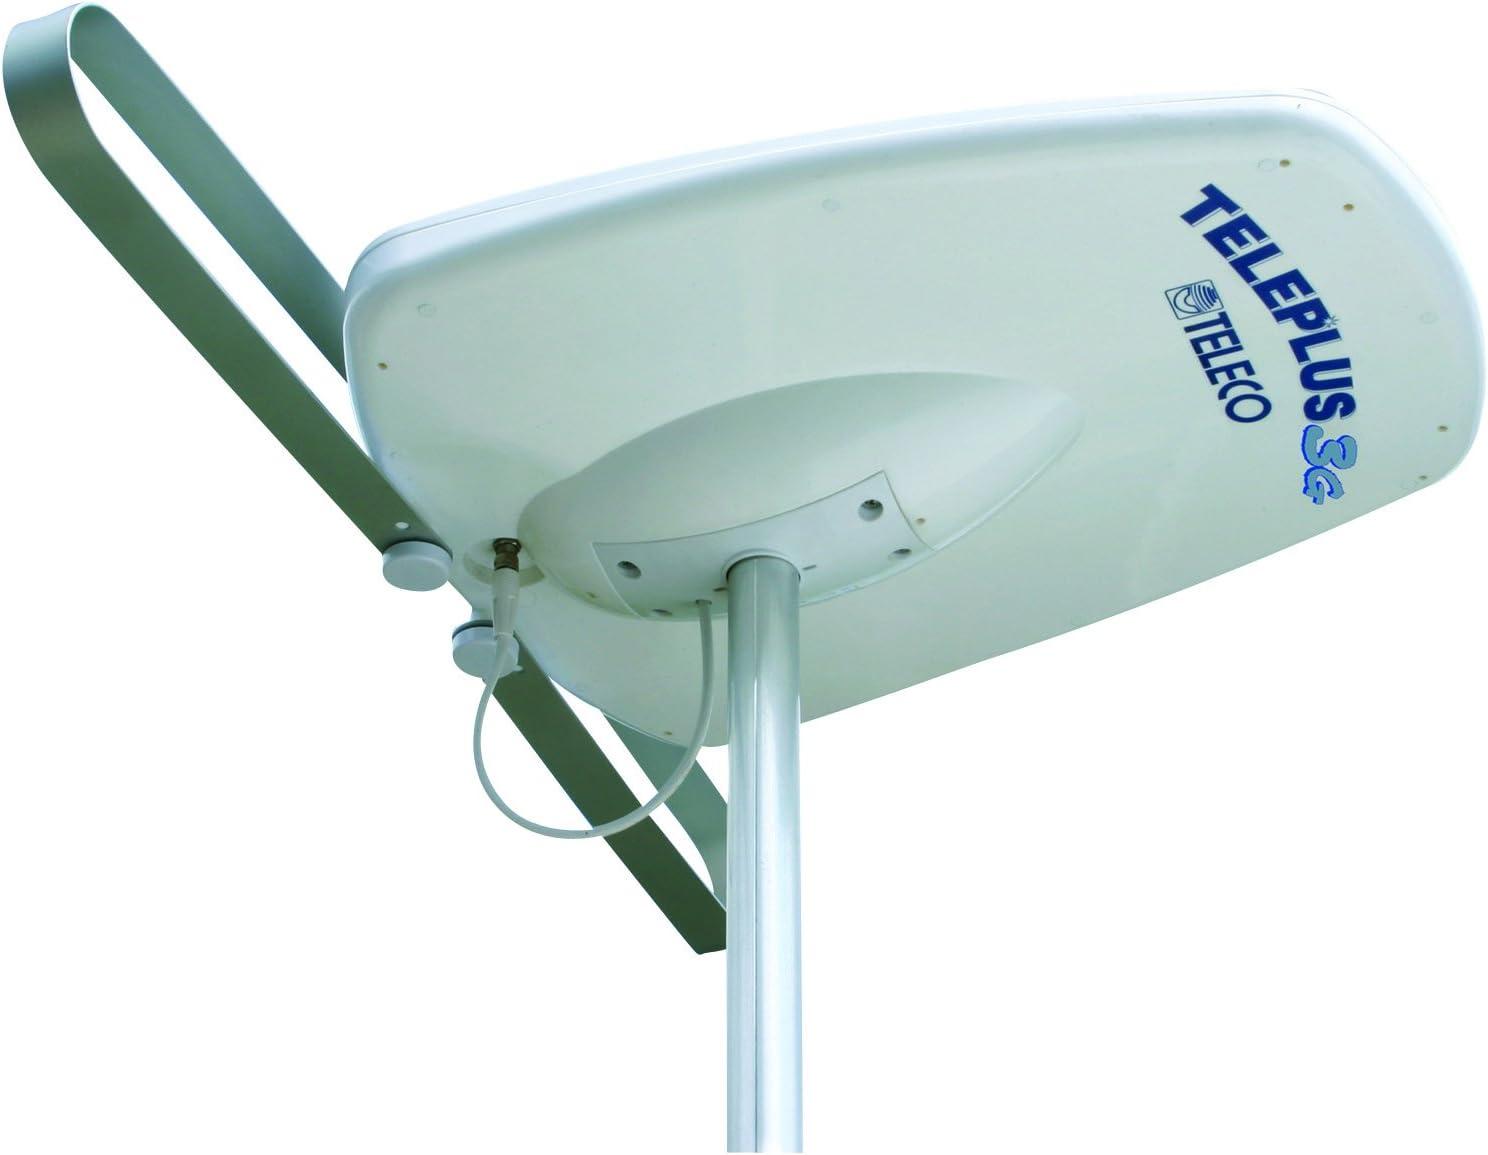 Teleco 571101/Antenna Teleplus 3/G